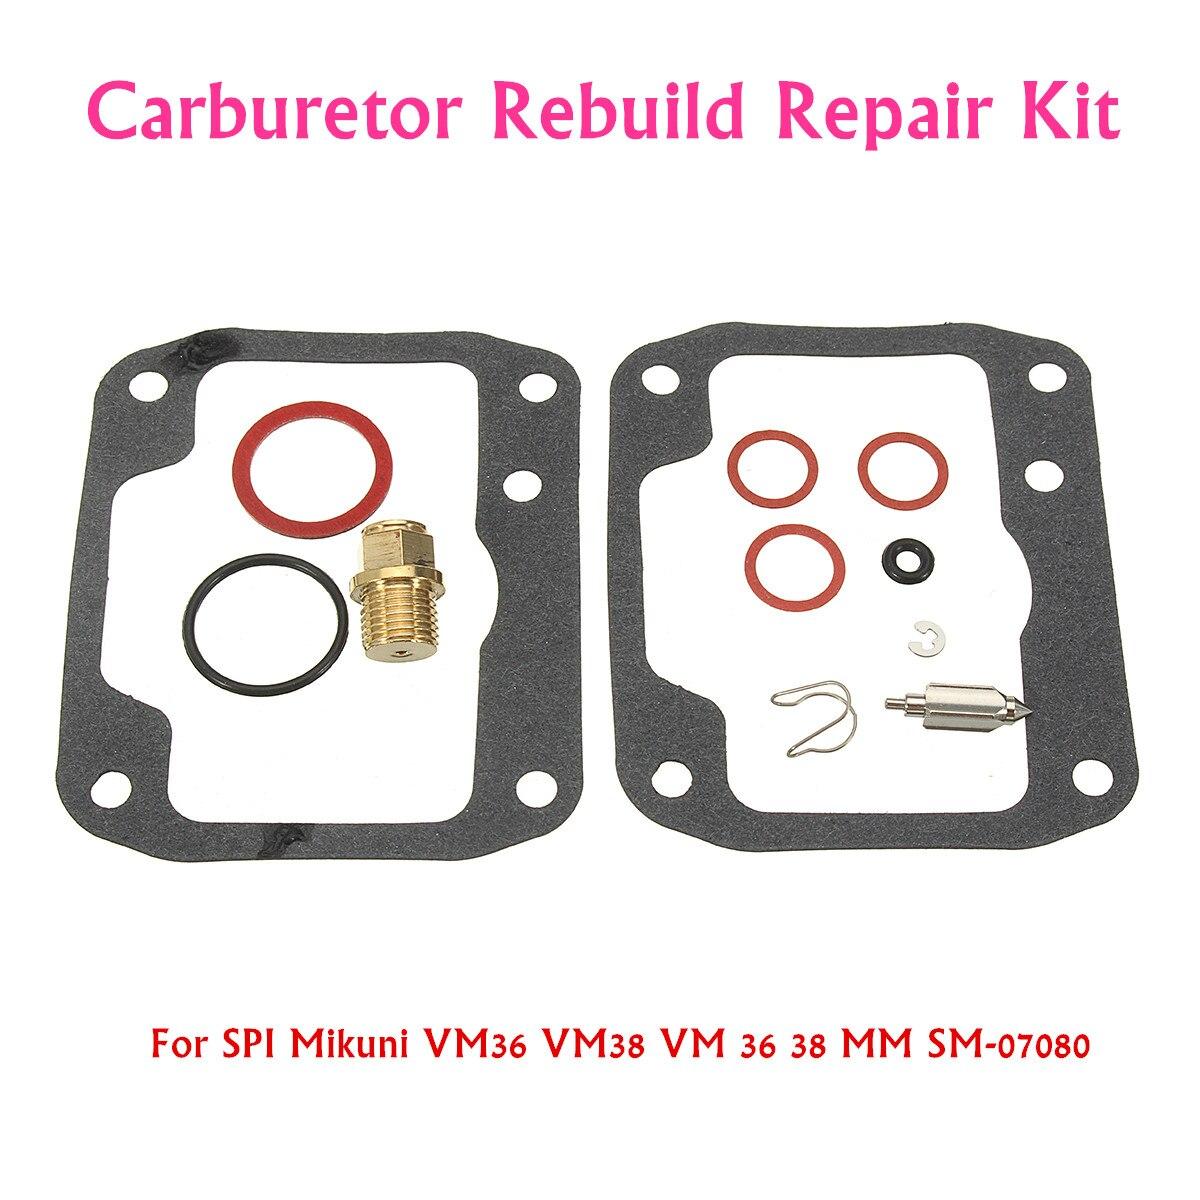 Kit de réparation pour carburateur pour SPI Mikuni VM36 VM38 VM 36 38 MM SM-07080